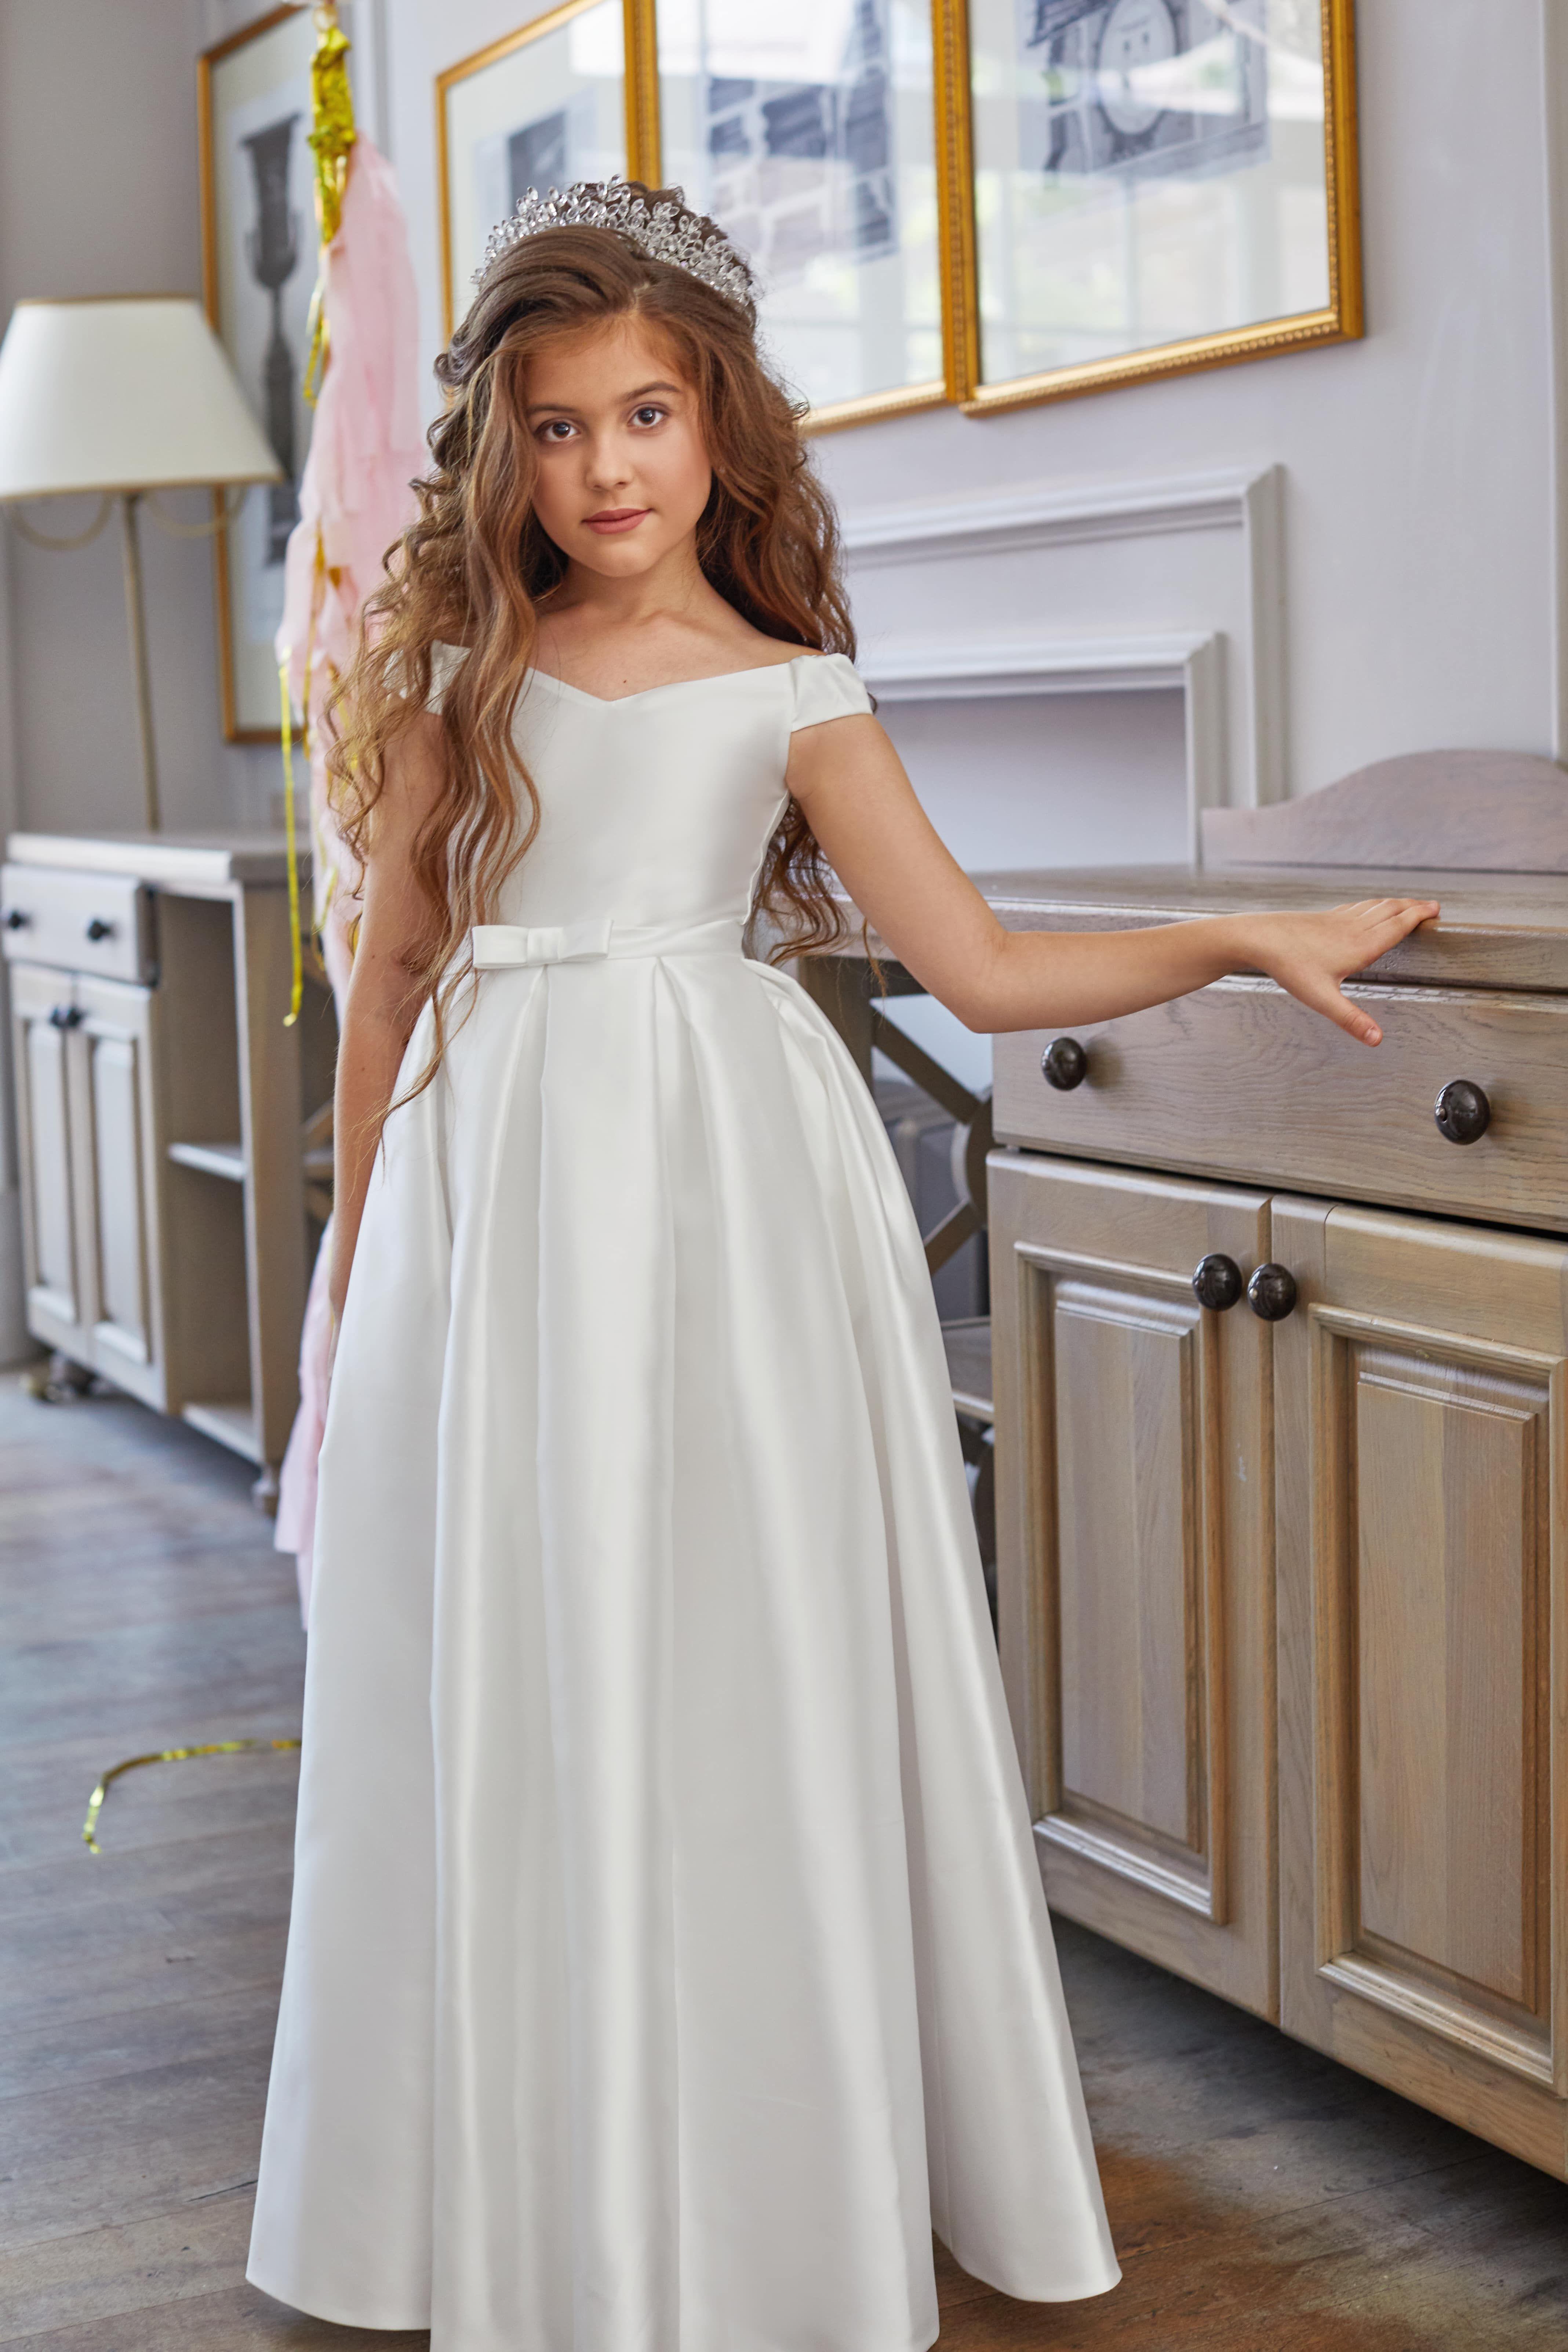 Fashion Princess 08 Long White Dress For Girl With Pockets Dresses Girls White Dress Princess Dress Kids [ 6409 x 4273 Pixel ]